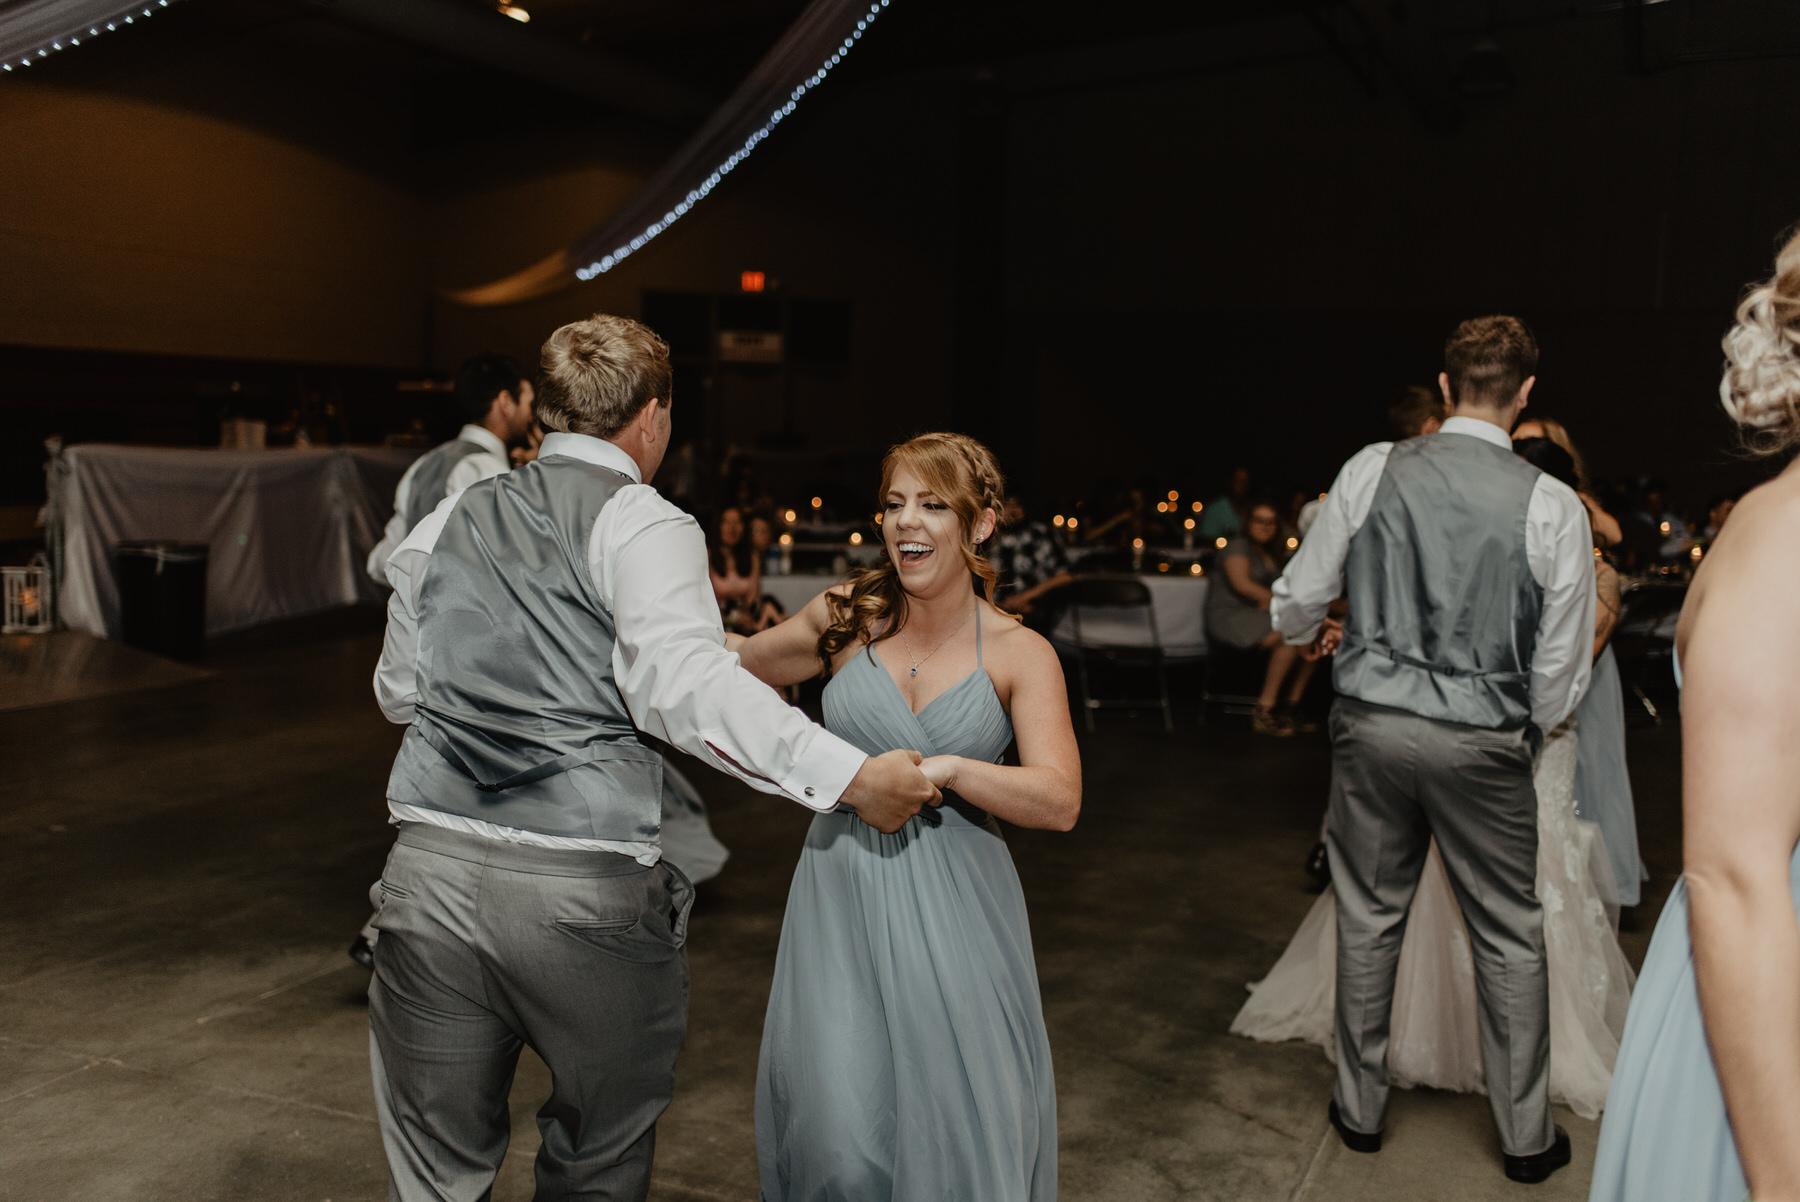 Kaylie-Sirek-Photography-Kearney-Nebraska-Wedding-120.jpg